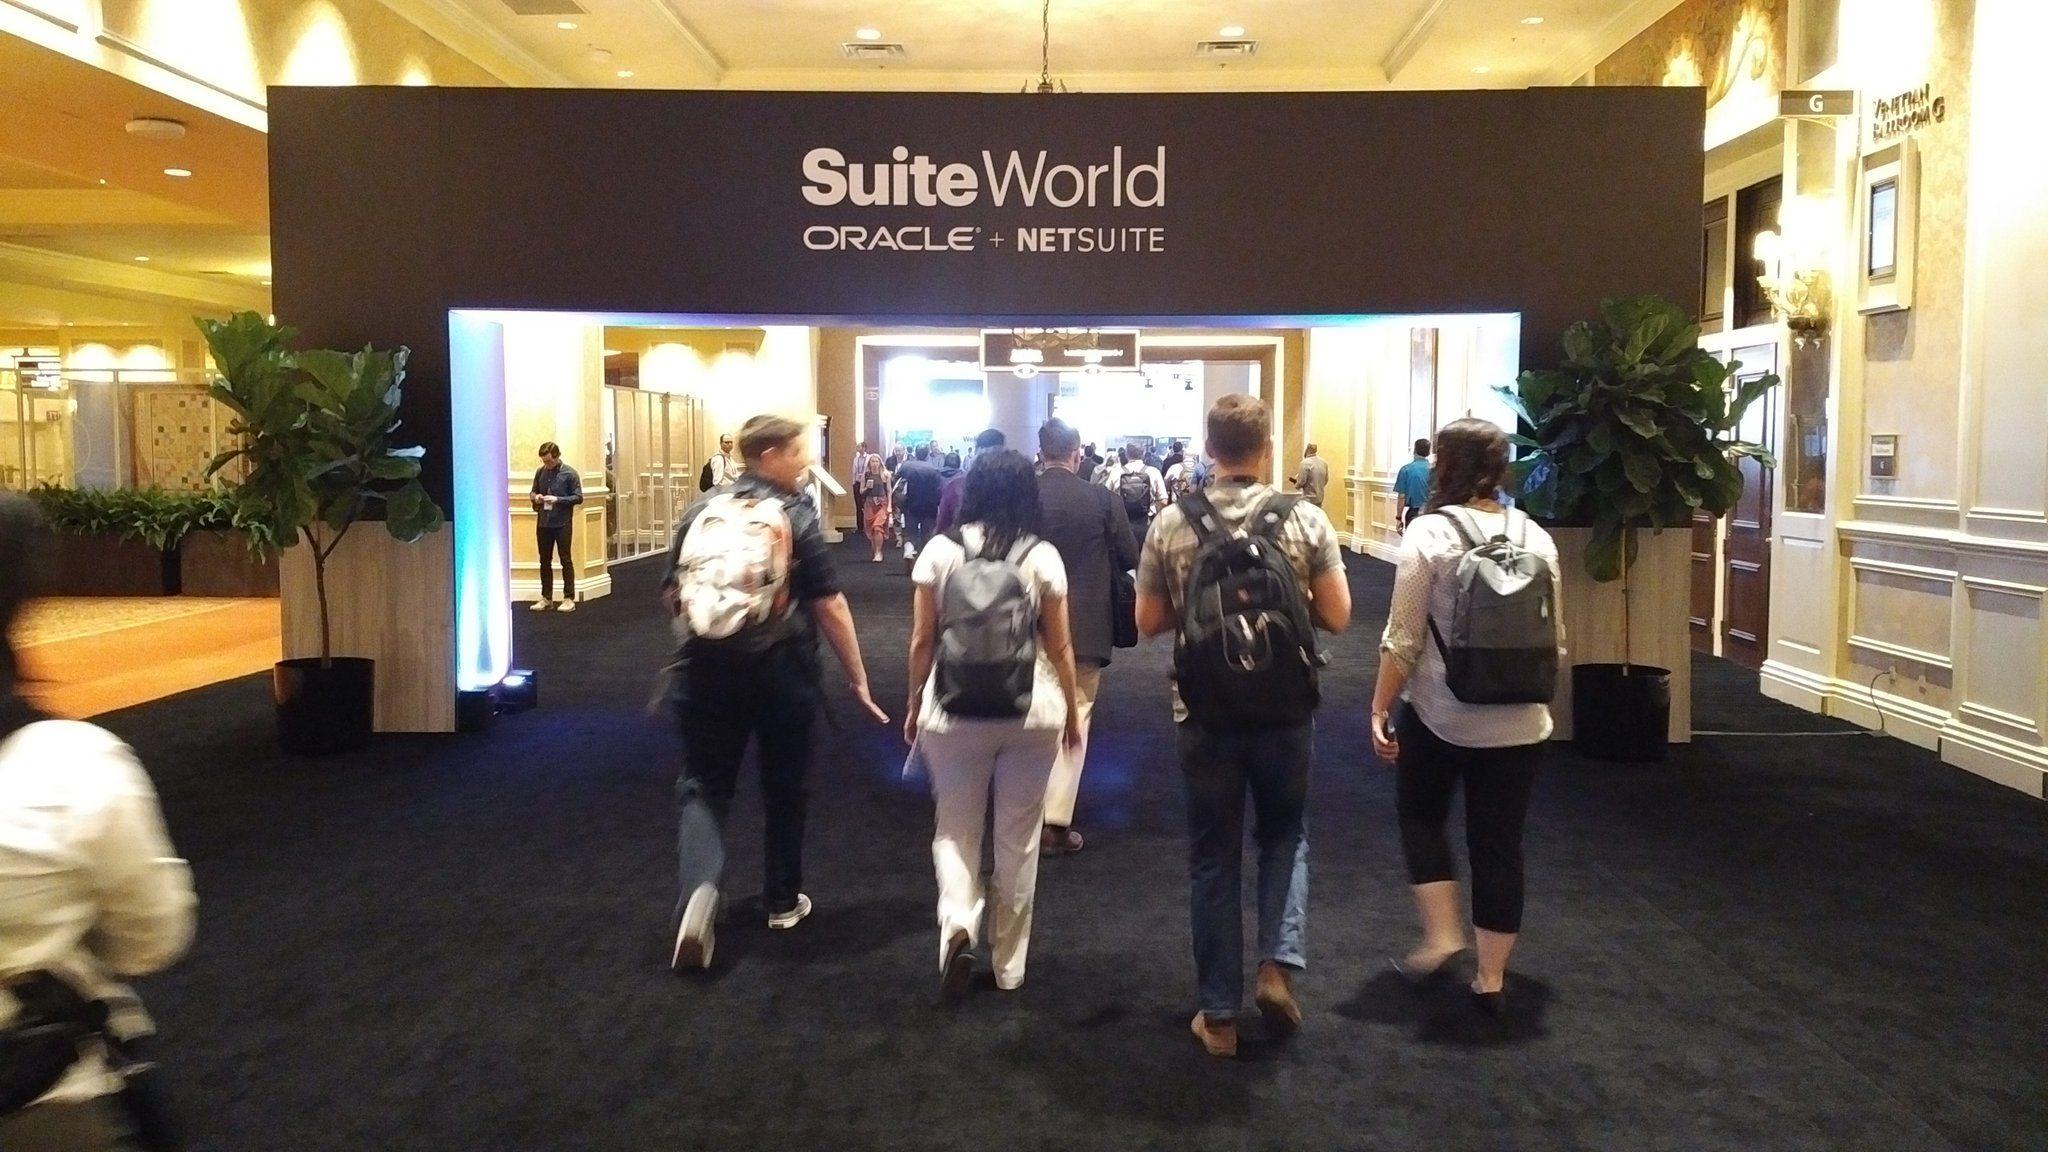 [Storify] Event Report - @NetSuite #SuiteWorld17 - The suite gets complete with #HCM https://t.co/TPaTIlOcmC #NextGenHCM https://t.co/t04NWftpX4